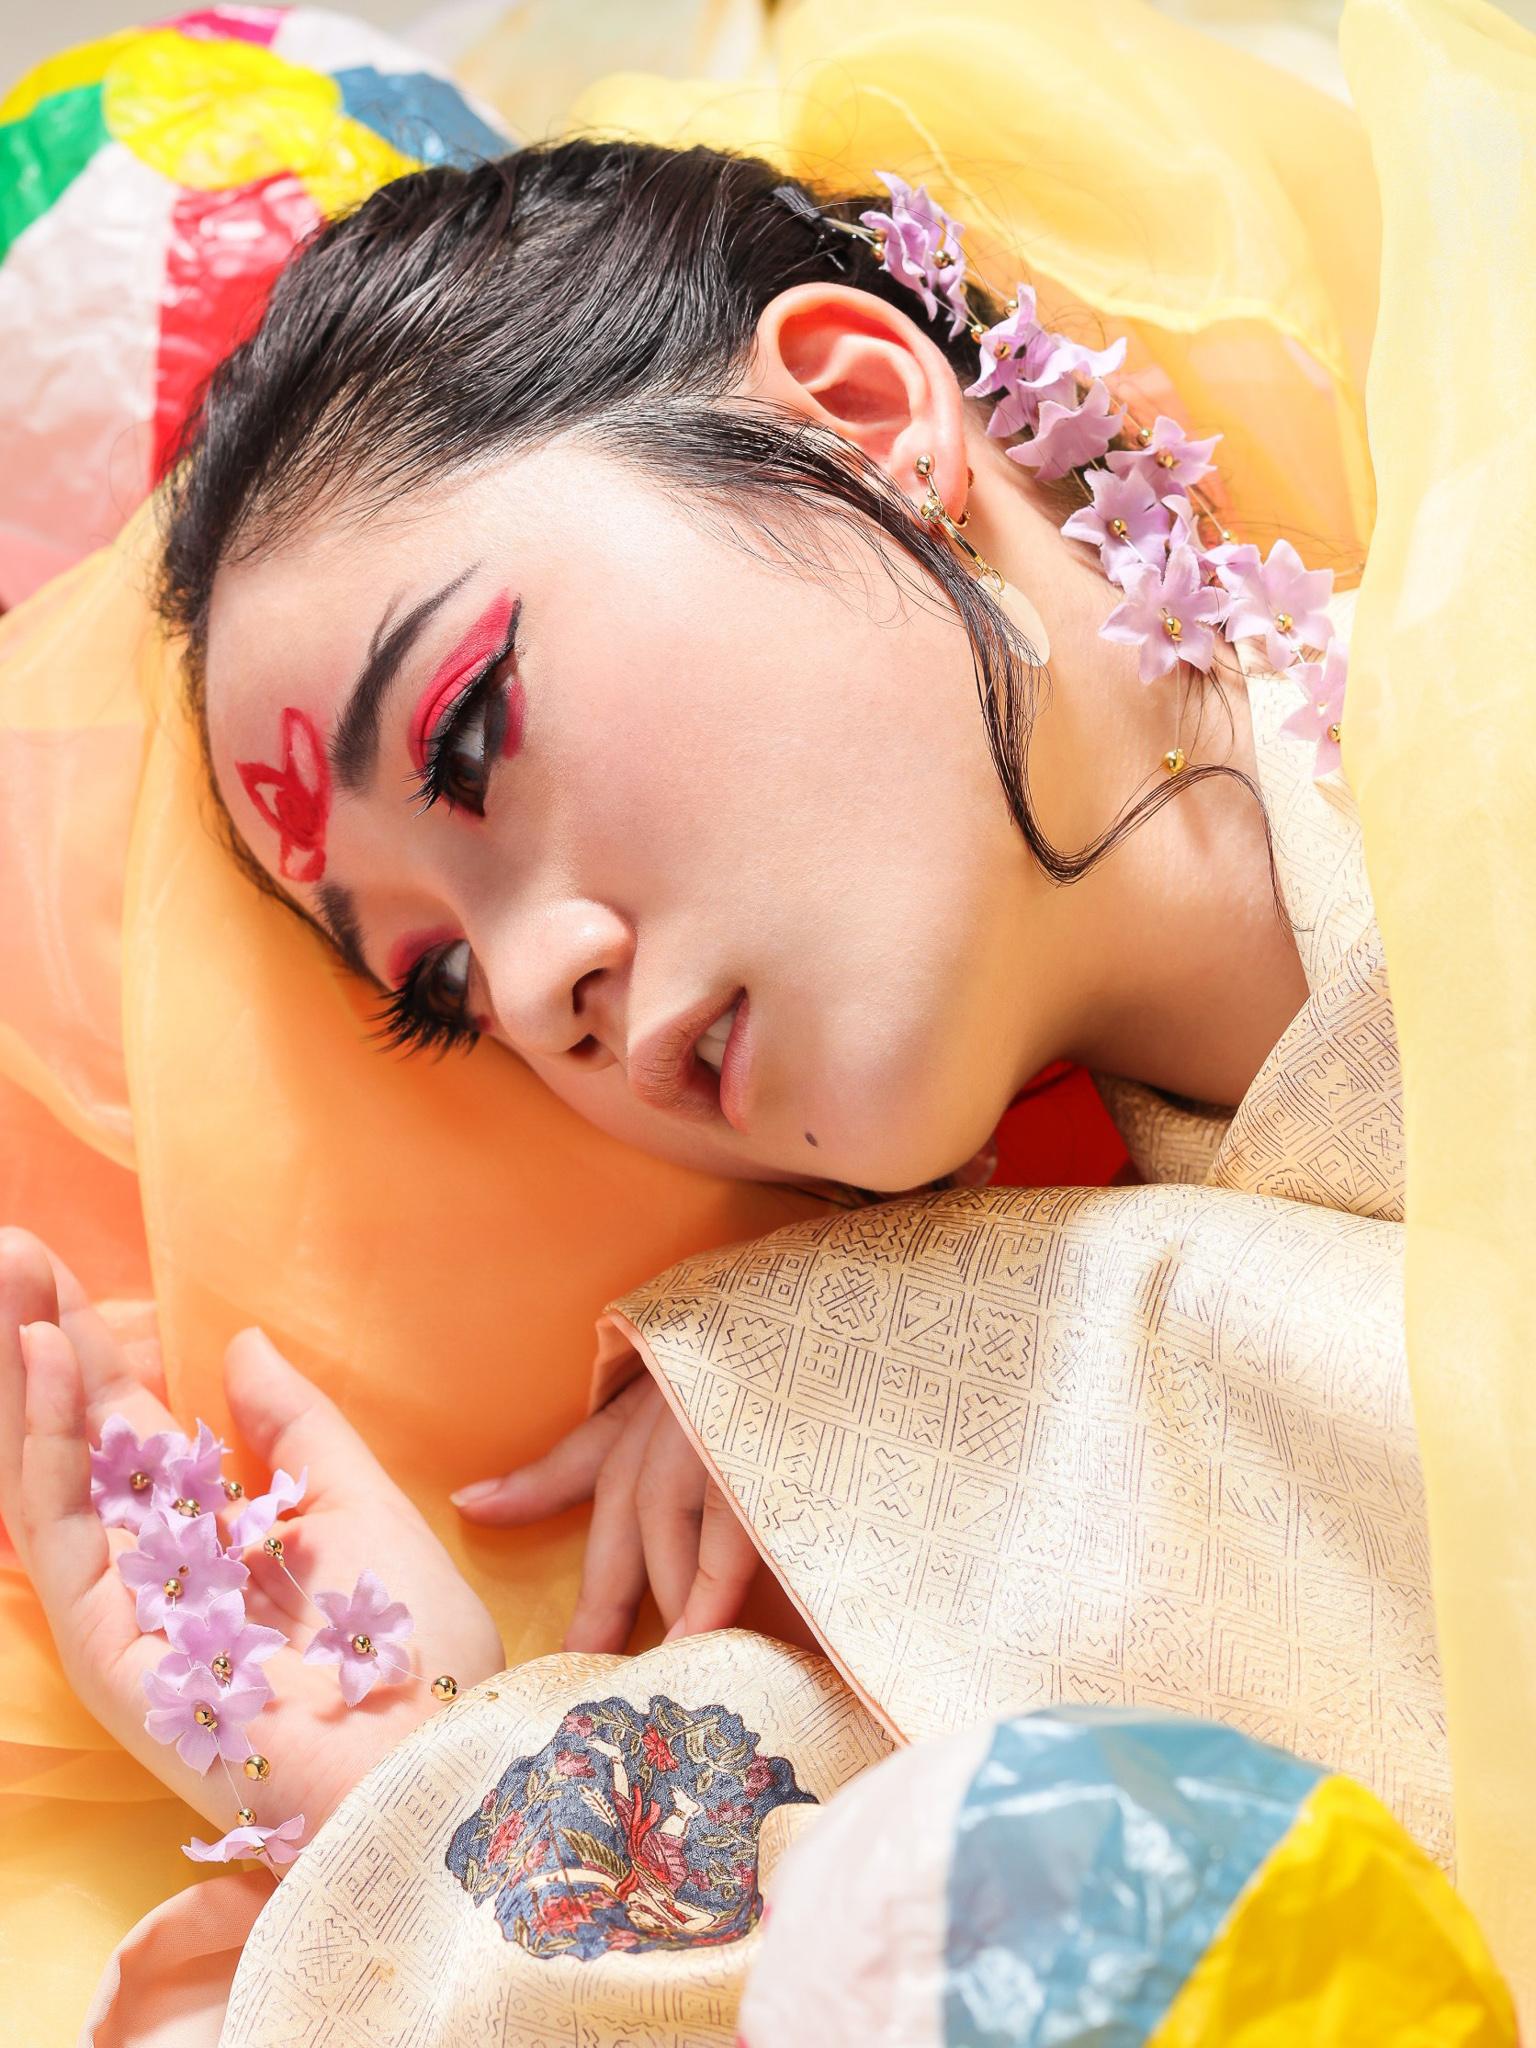 中野 桜子さんの作品画像